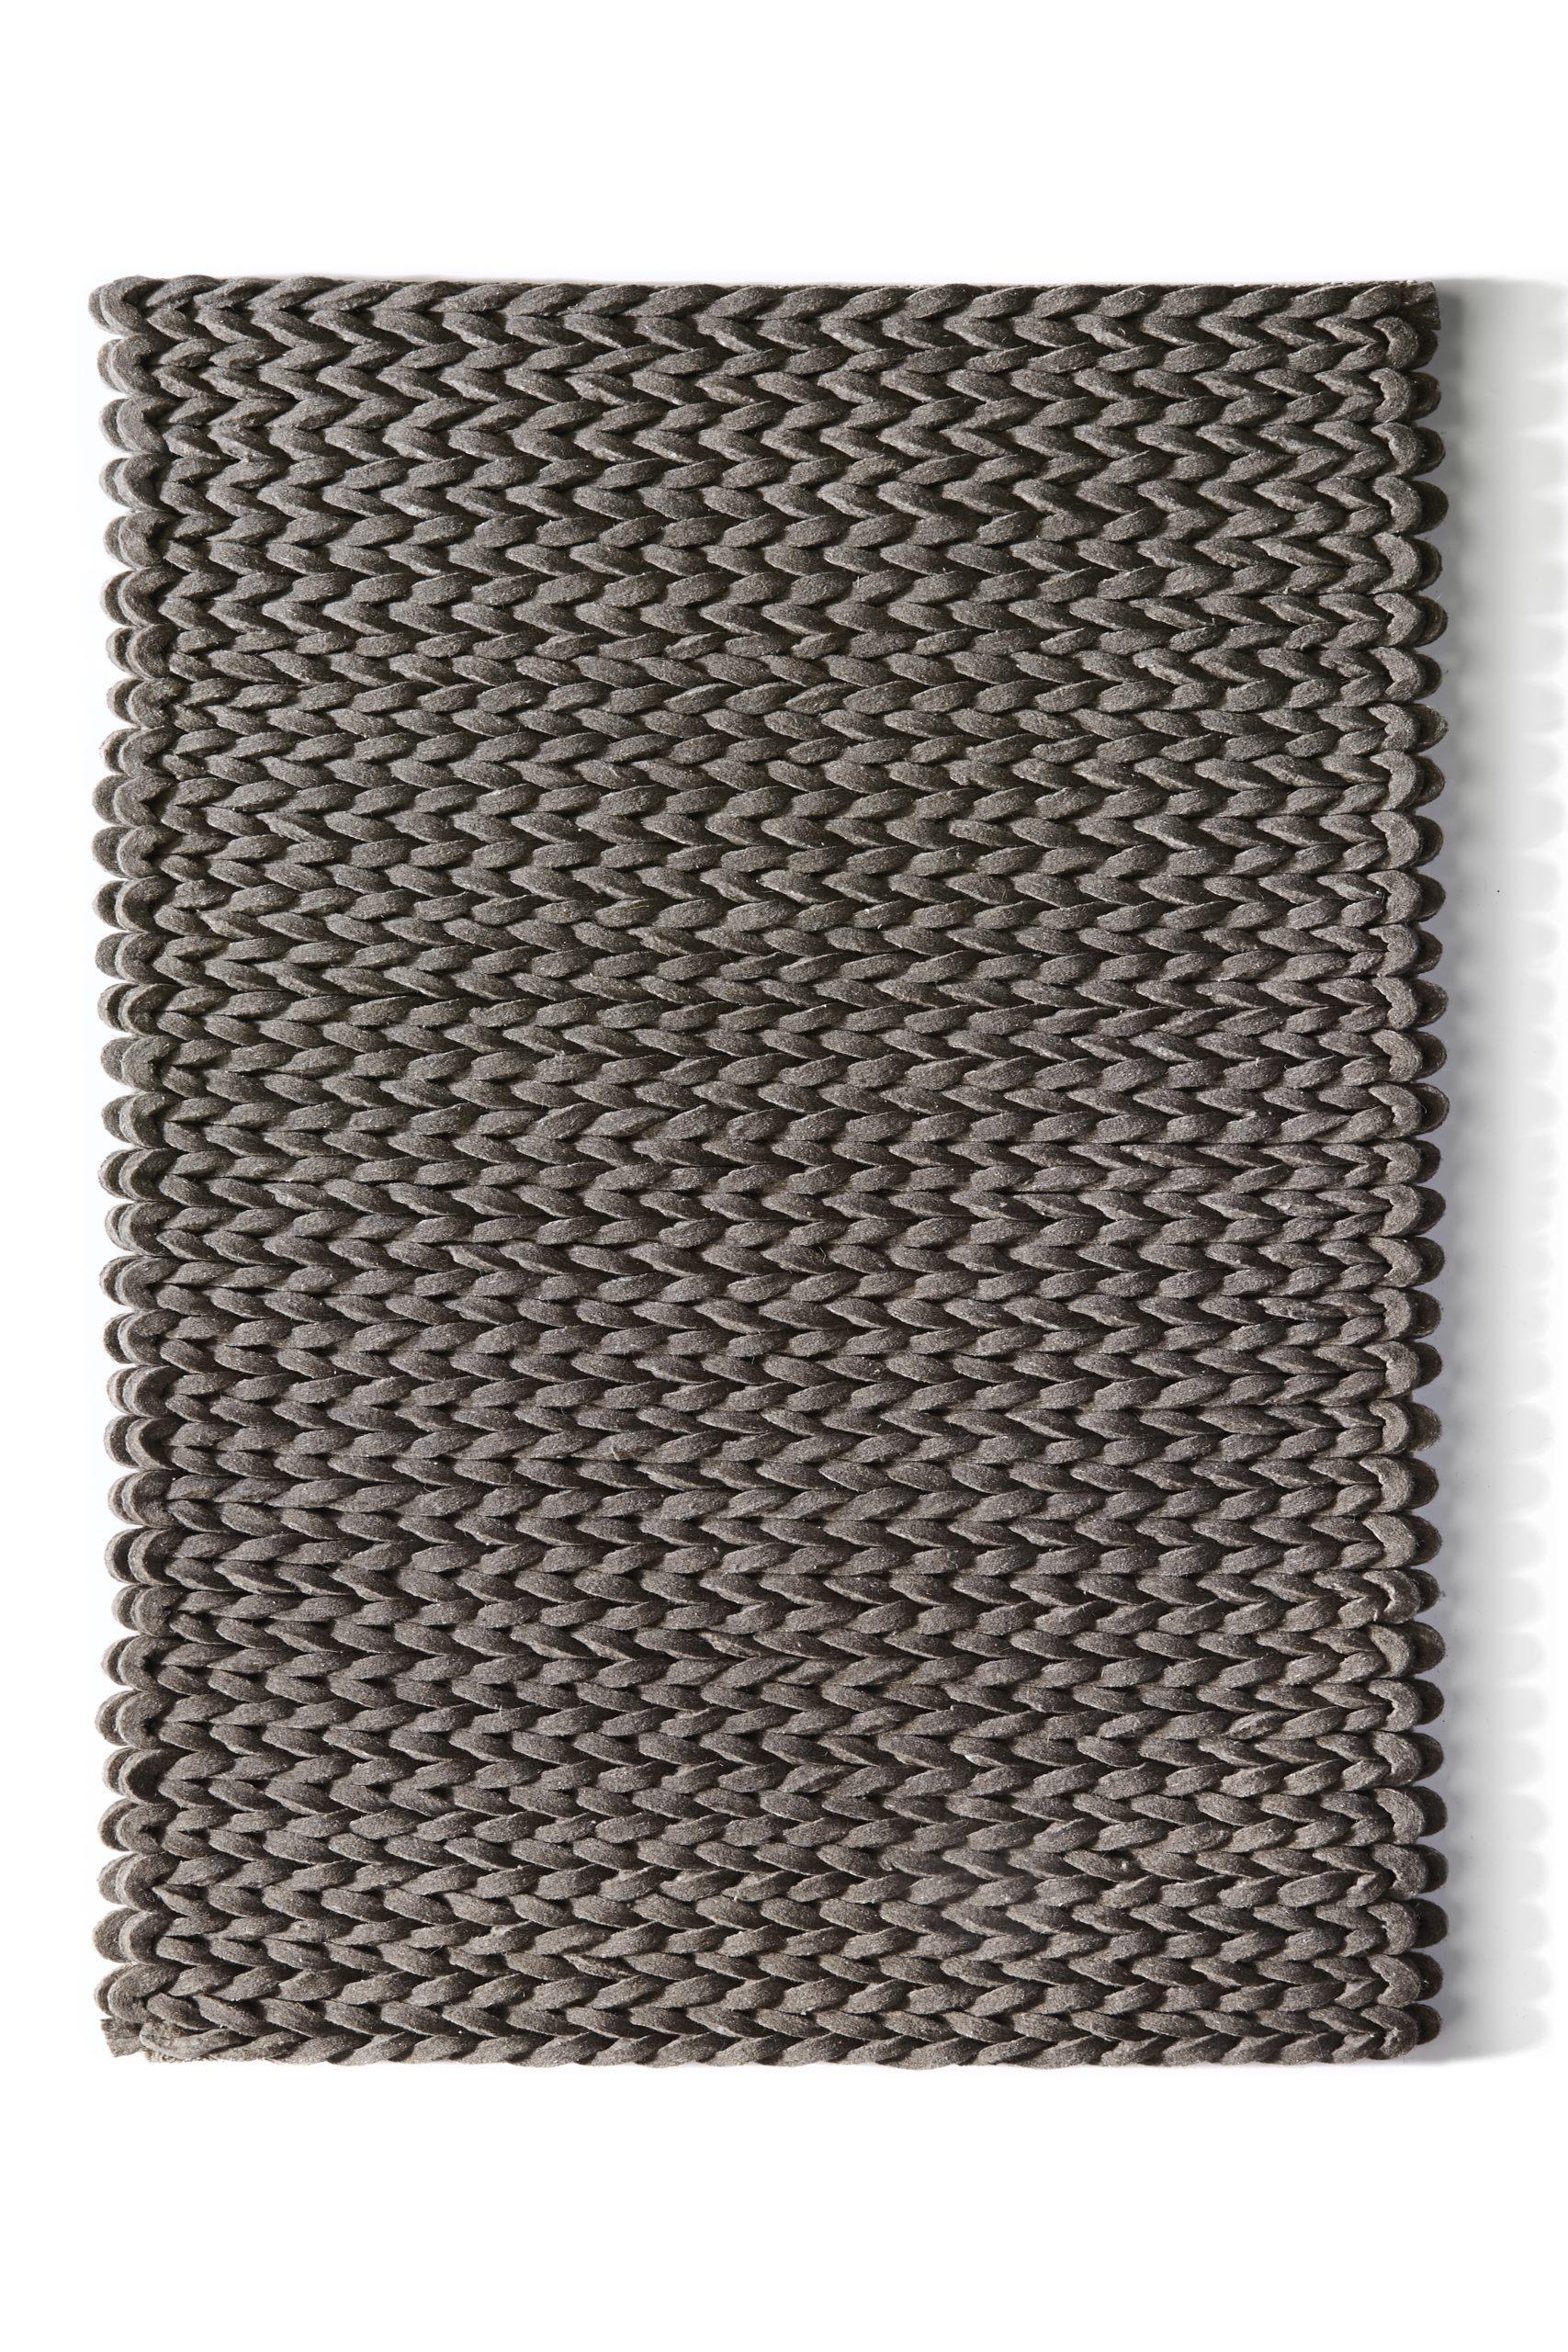 Sample of Firth Carpets Elegance range rug